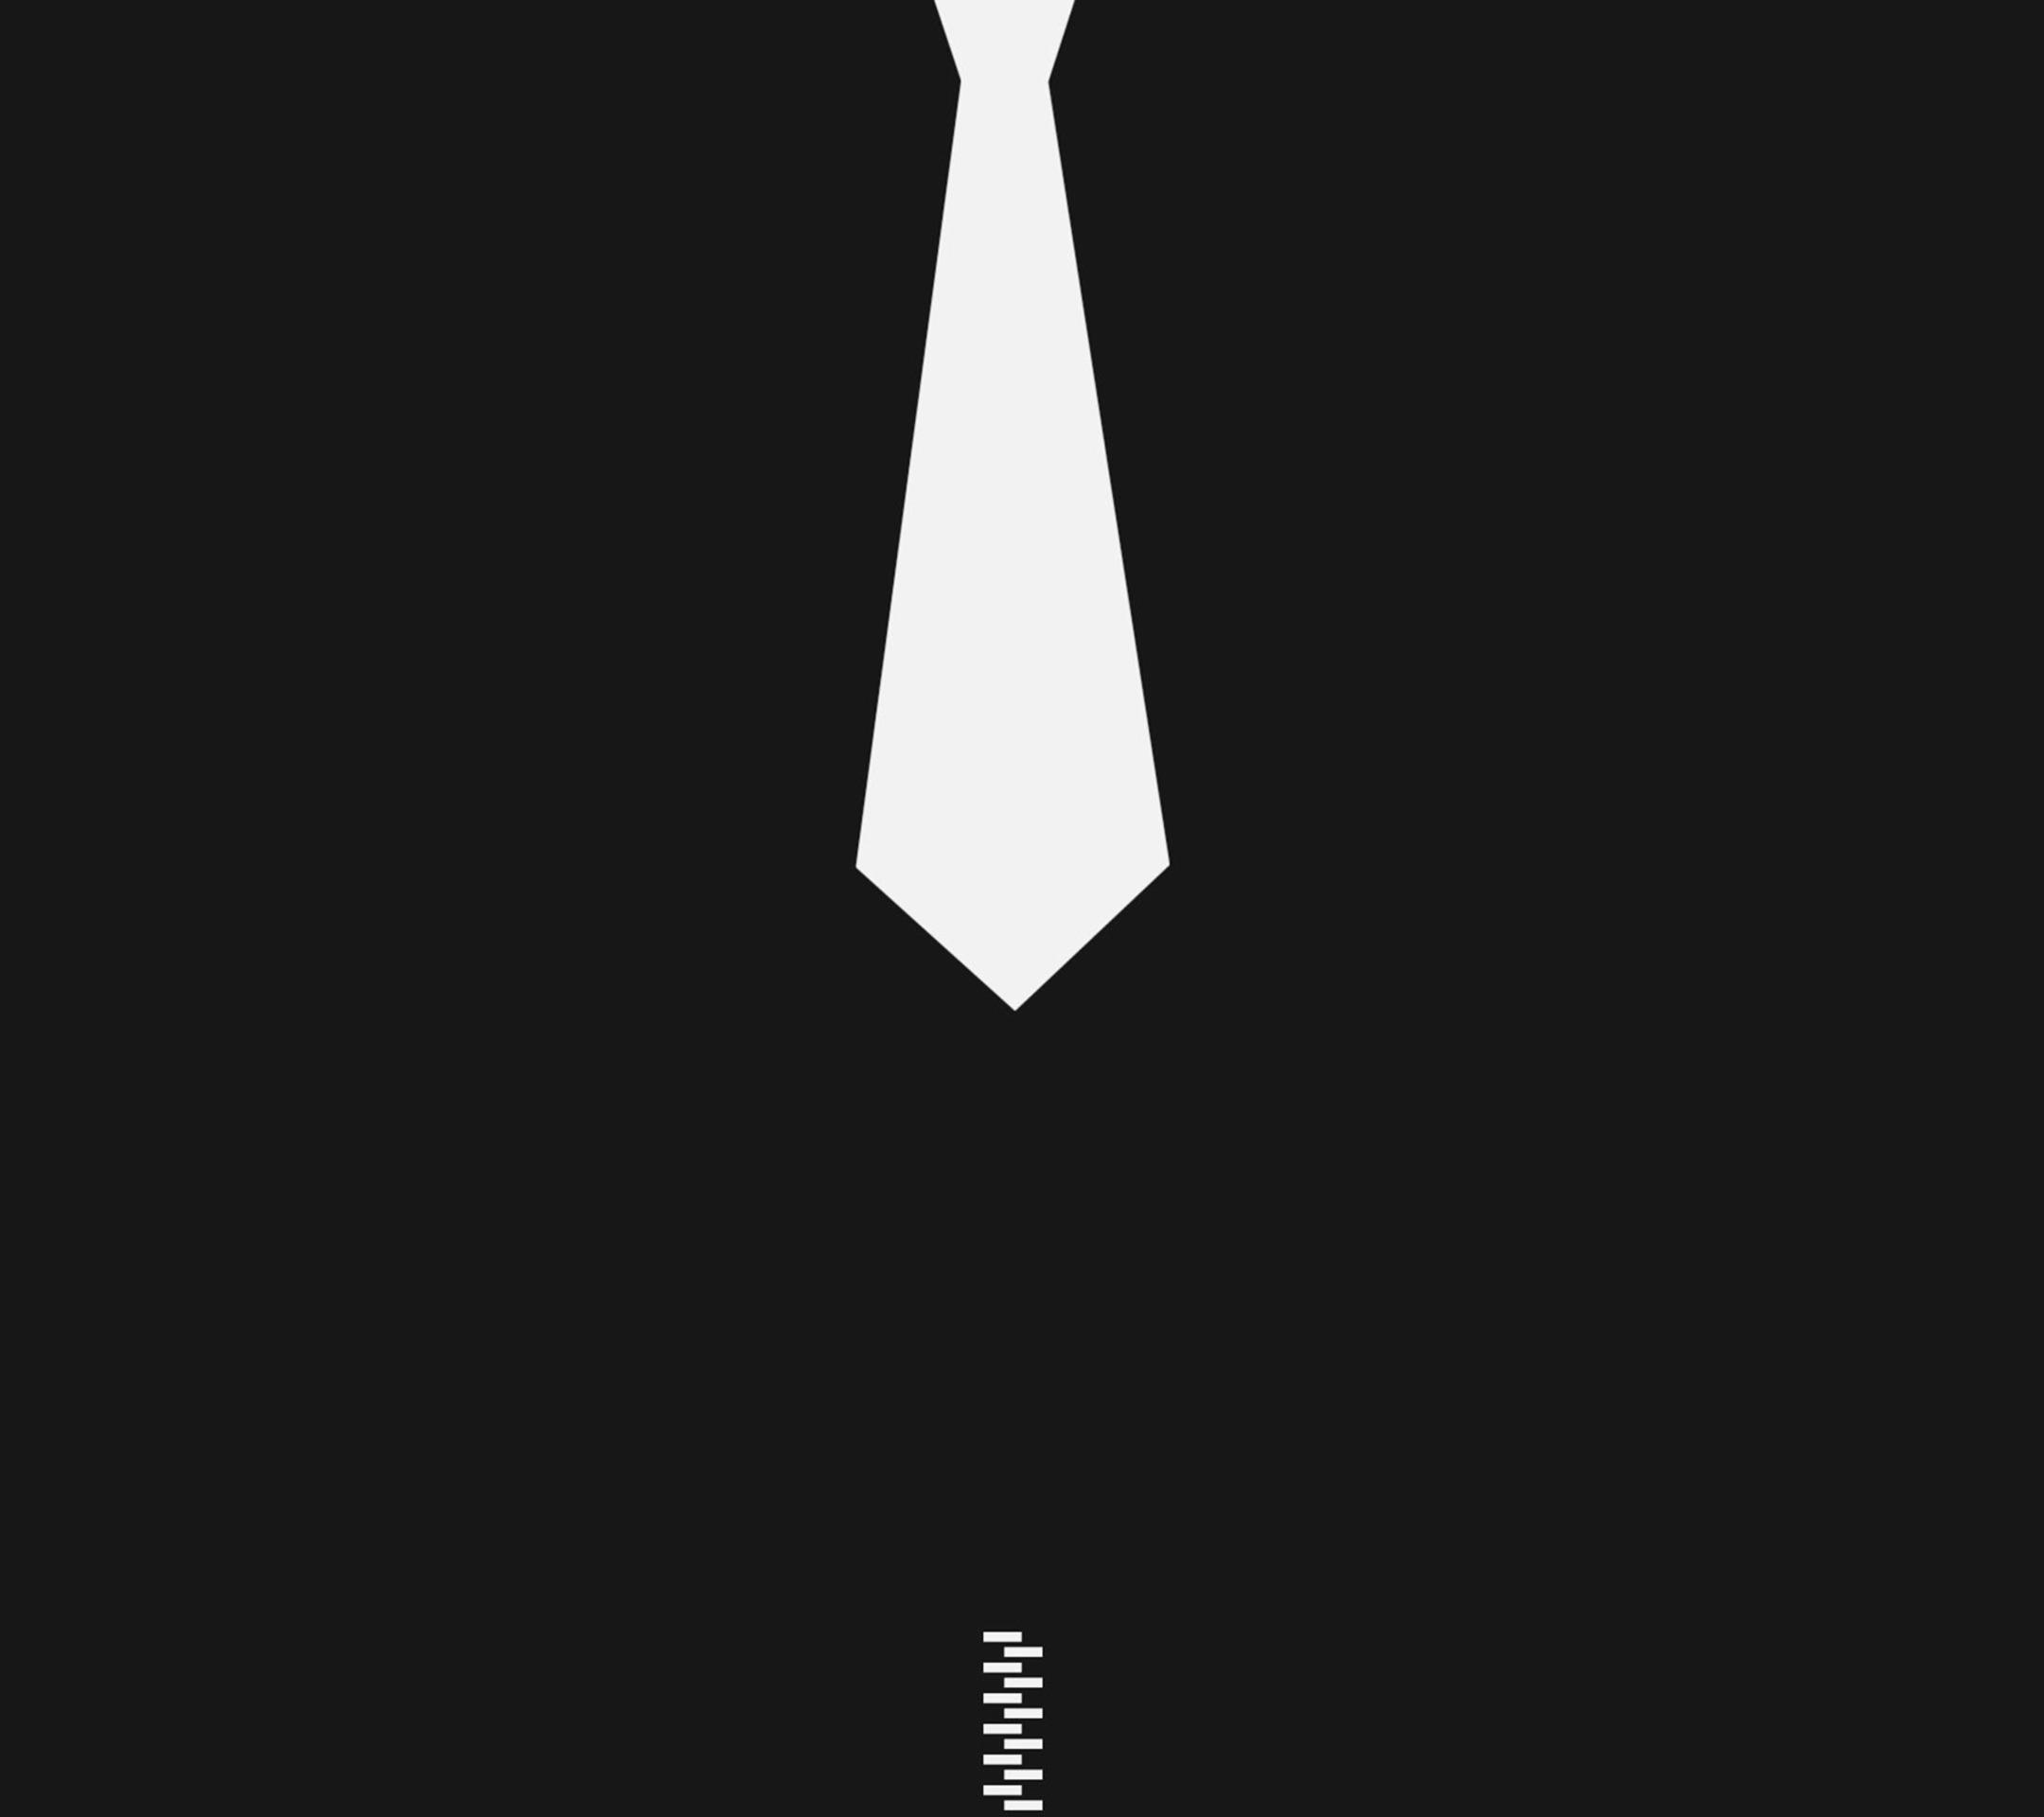 领带小人矢量图